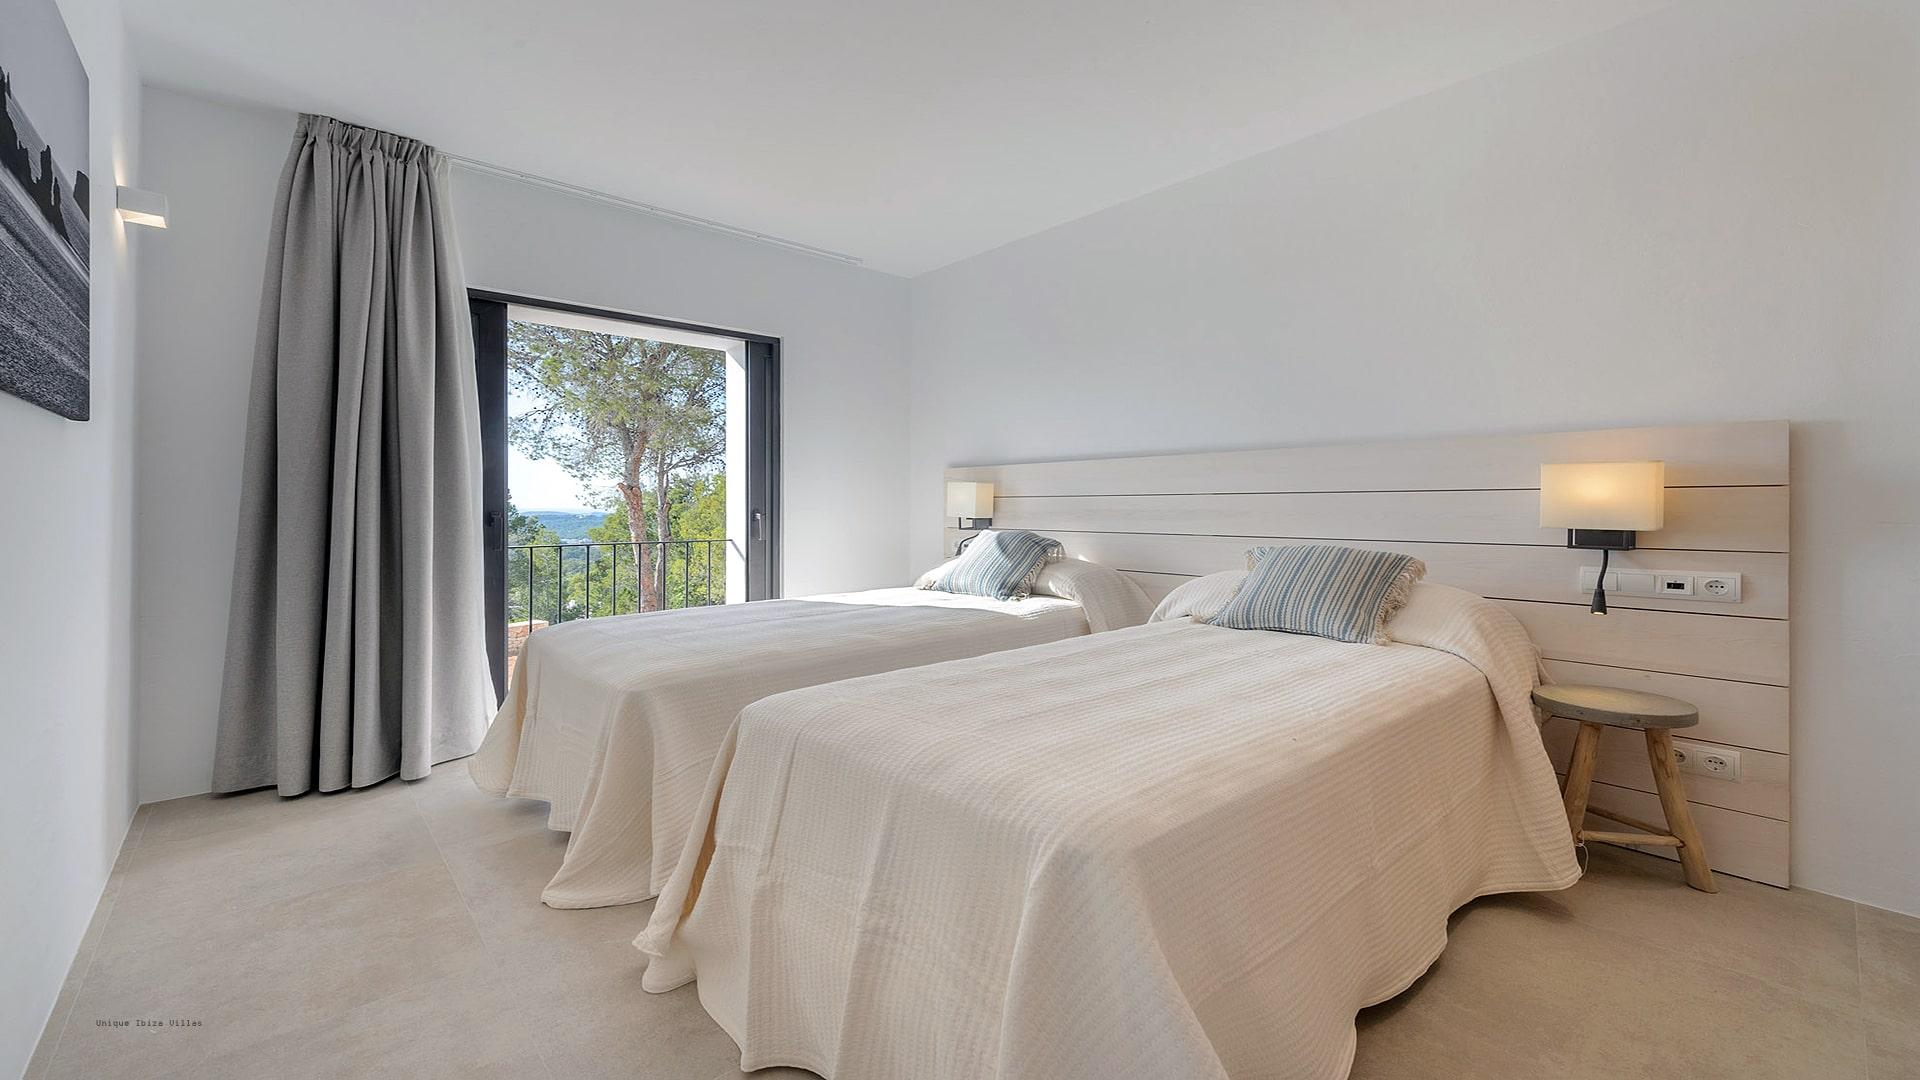 Villa Can Tamanaco Ibiza 38 Bedroom 1